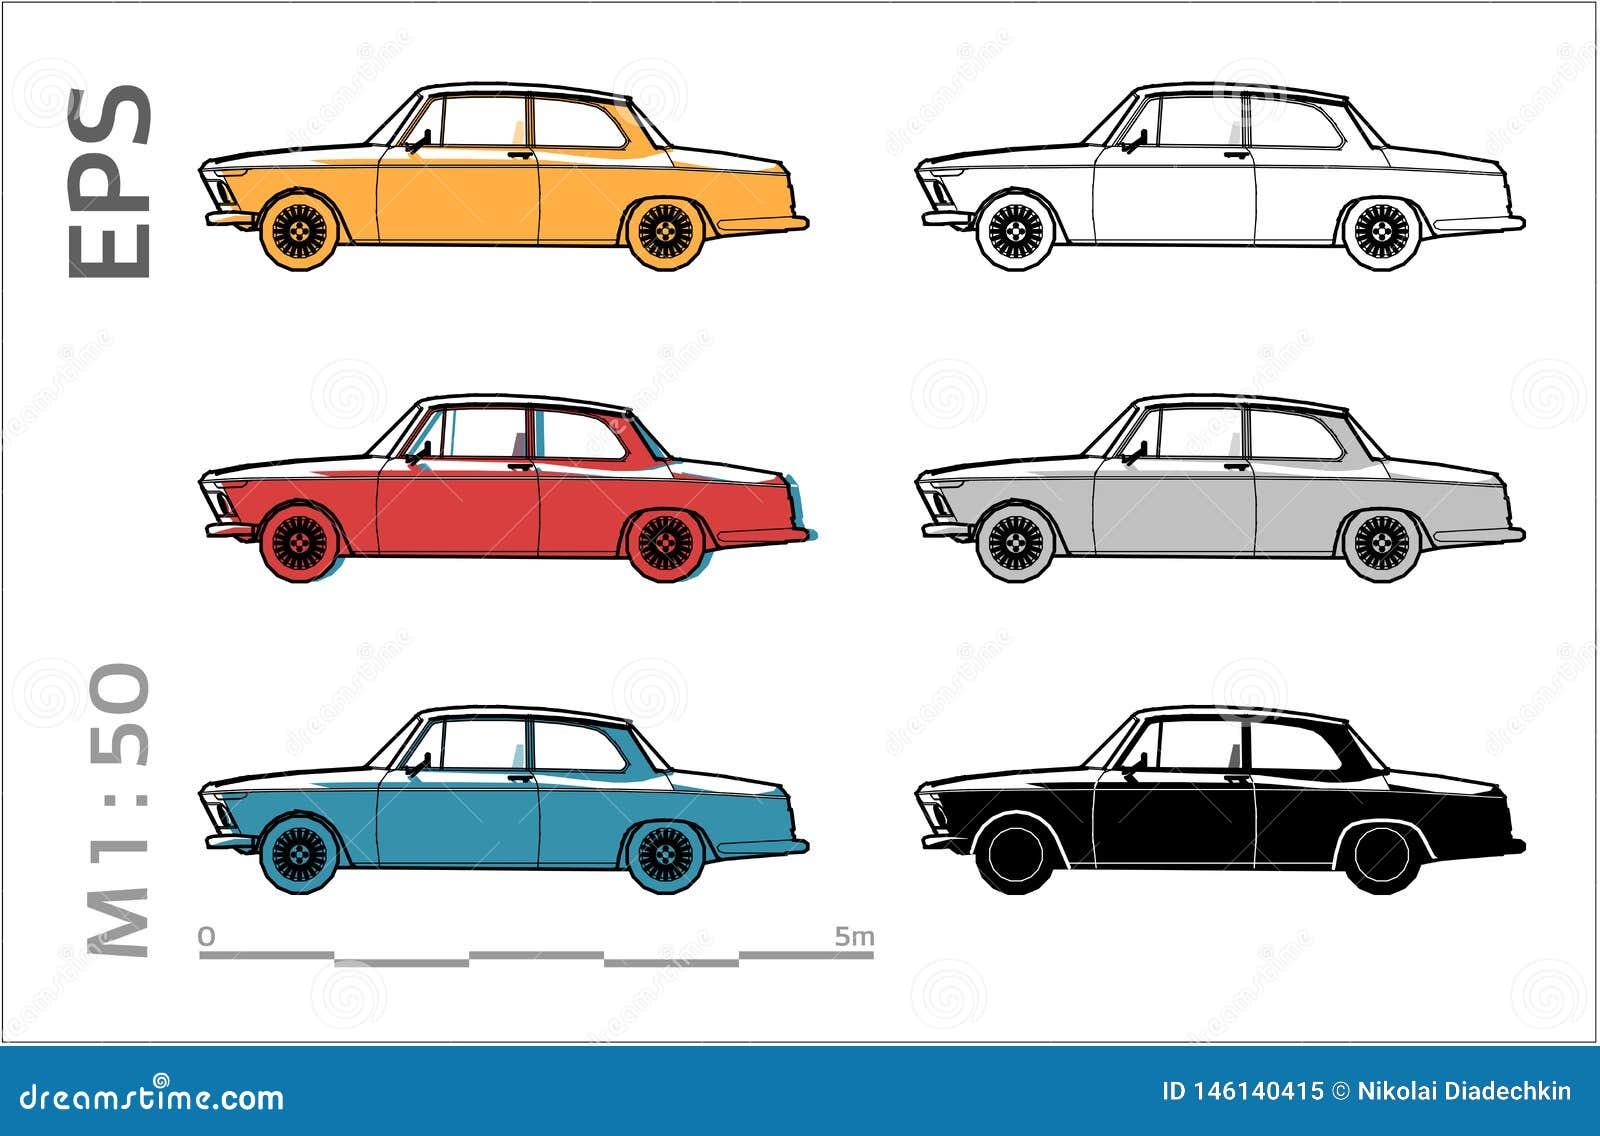 Ретро старые значки вектора автомобиля установили для архитектурноакустических чертежа и illustation